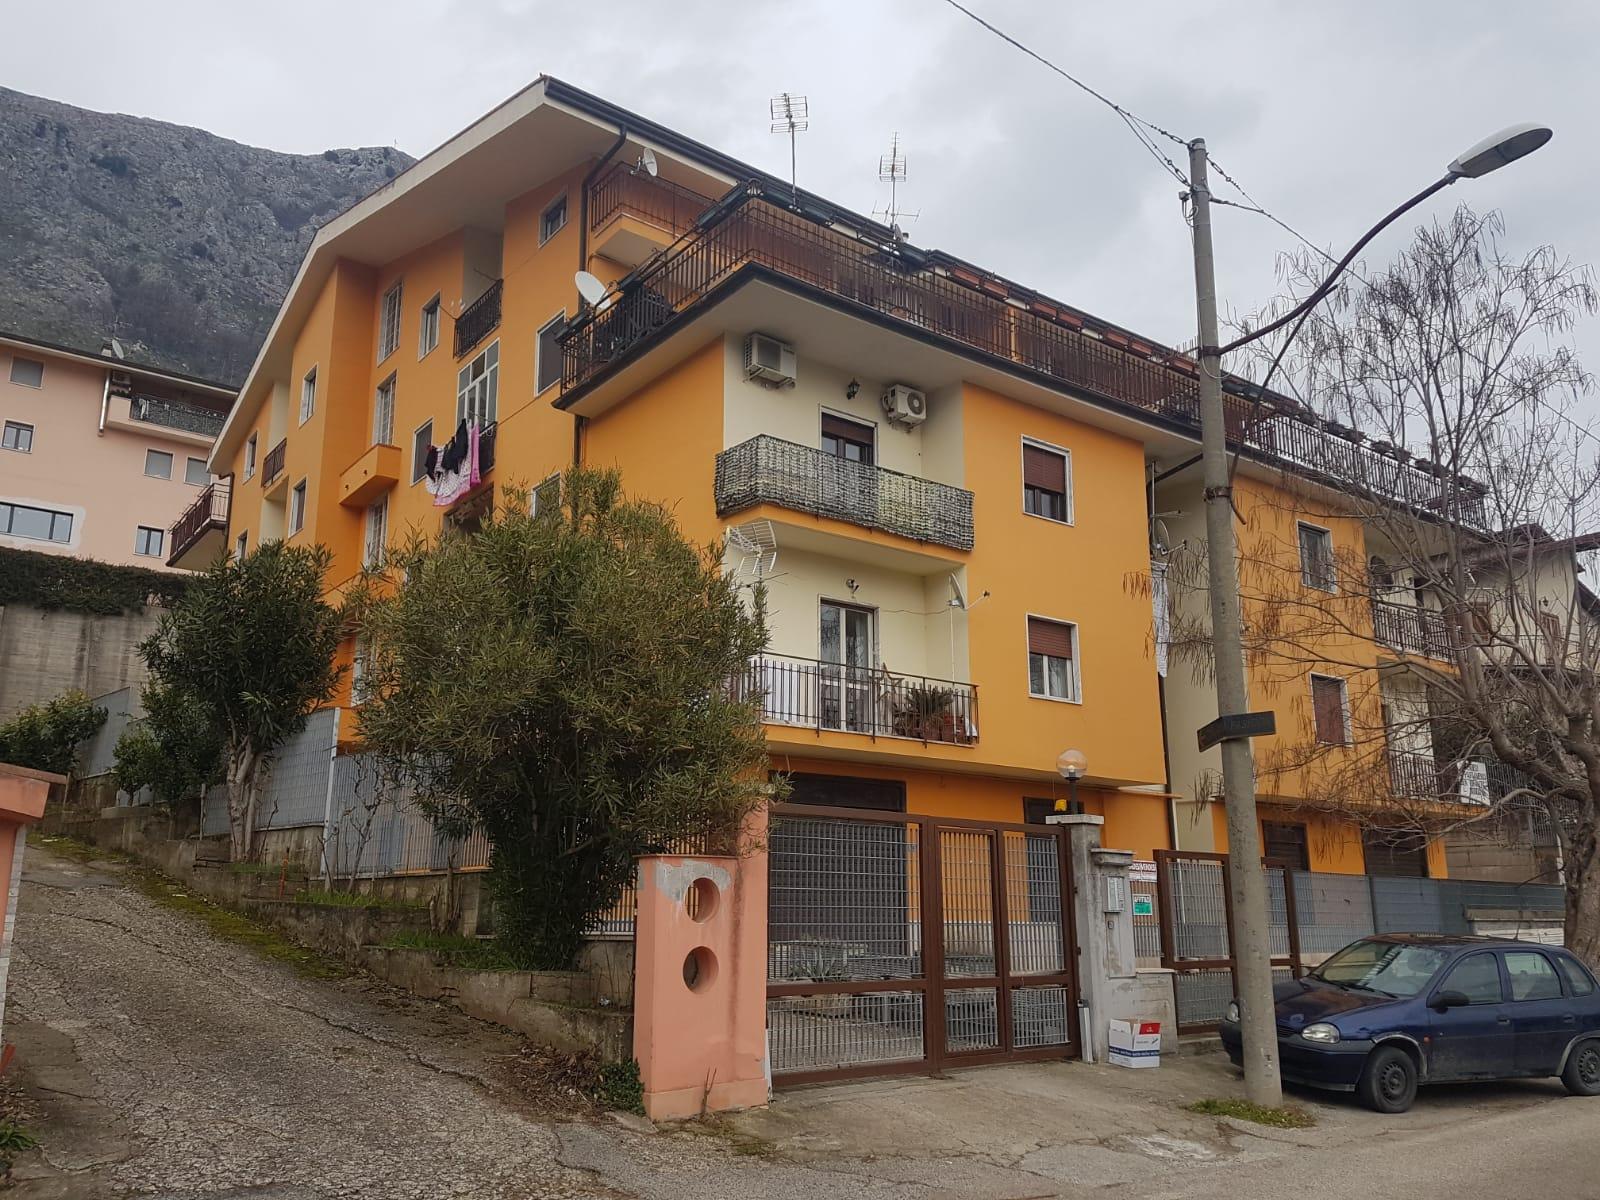 Appartamento in vendita a Foglianise, 7 locali, prezzo € 87.000   CambioCasa.it